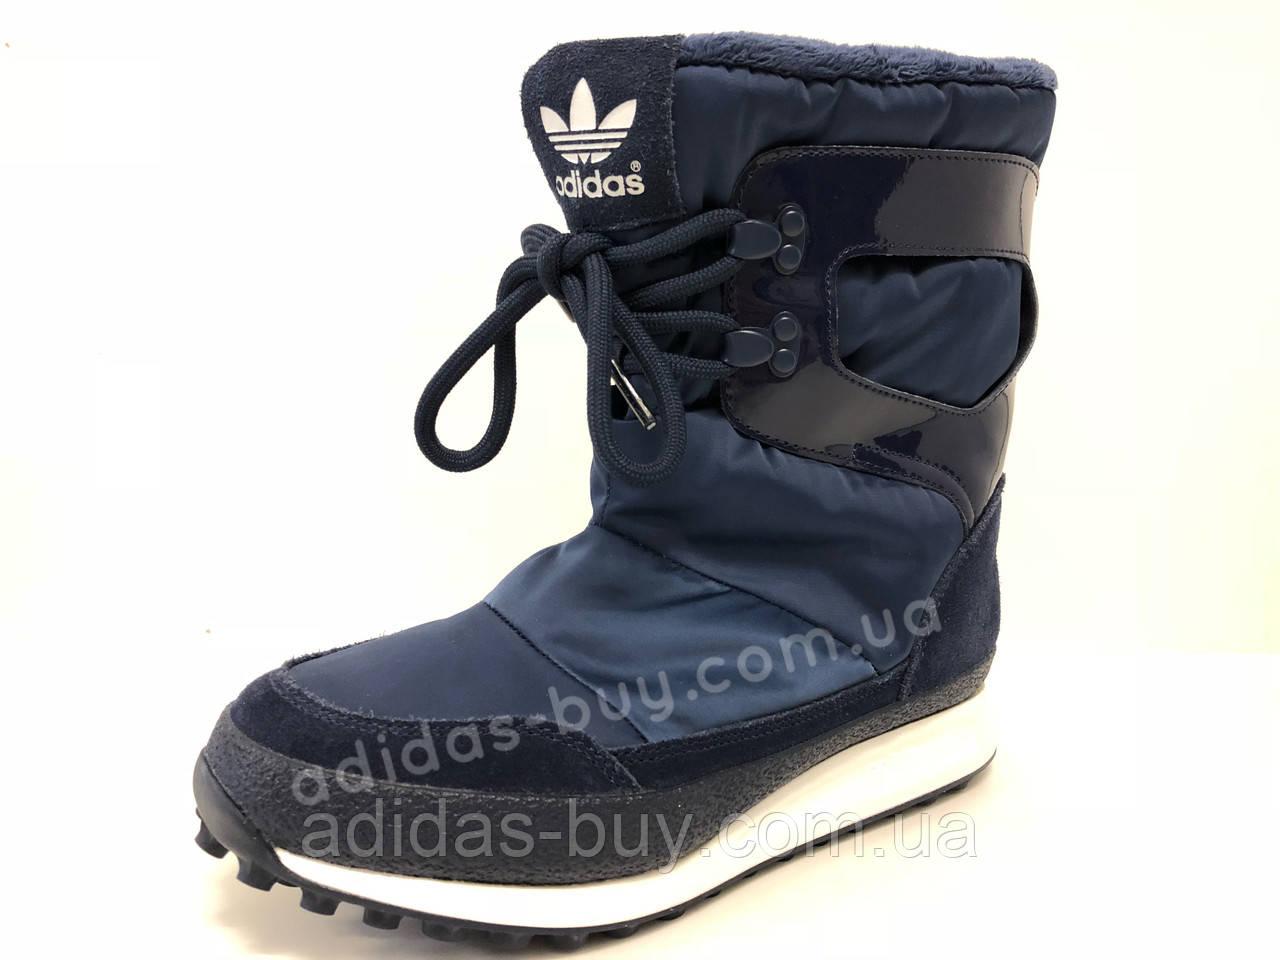 Женские оригинальные зимние сапоги adidas Snowrush S81384 цвет - синий -  ORIGINAL SHOES в Николаеве b3571c35544